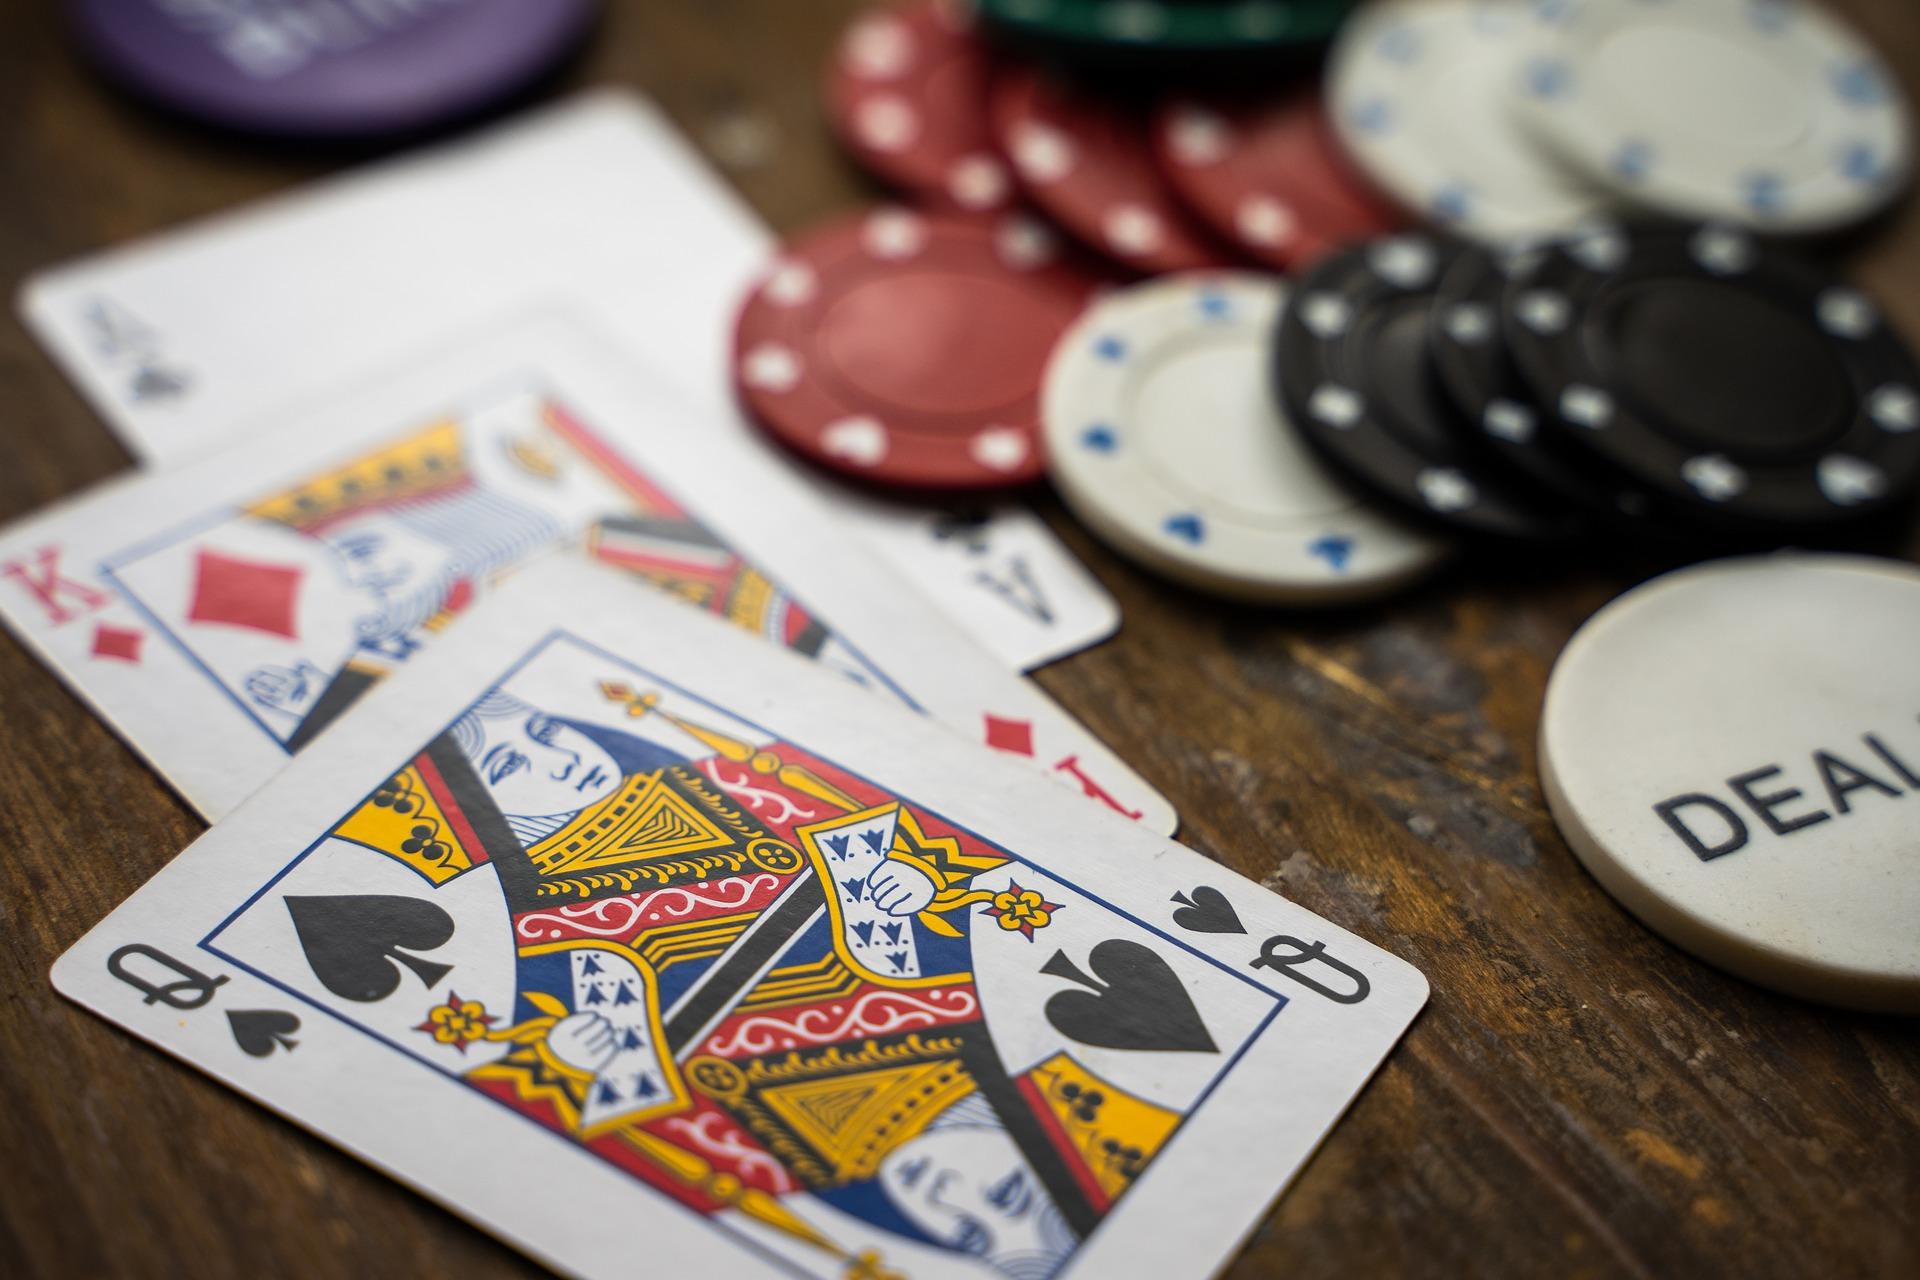 gambling-4178458_1920